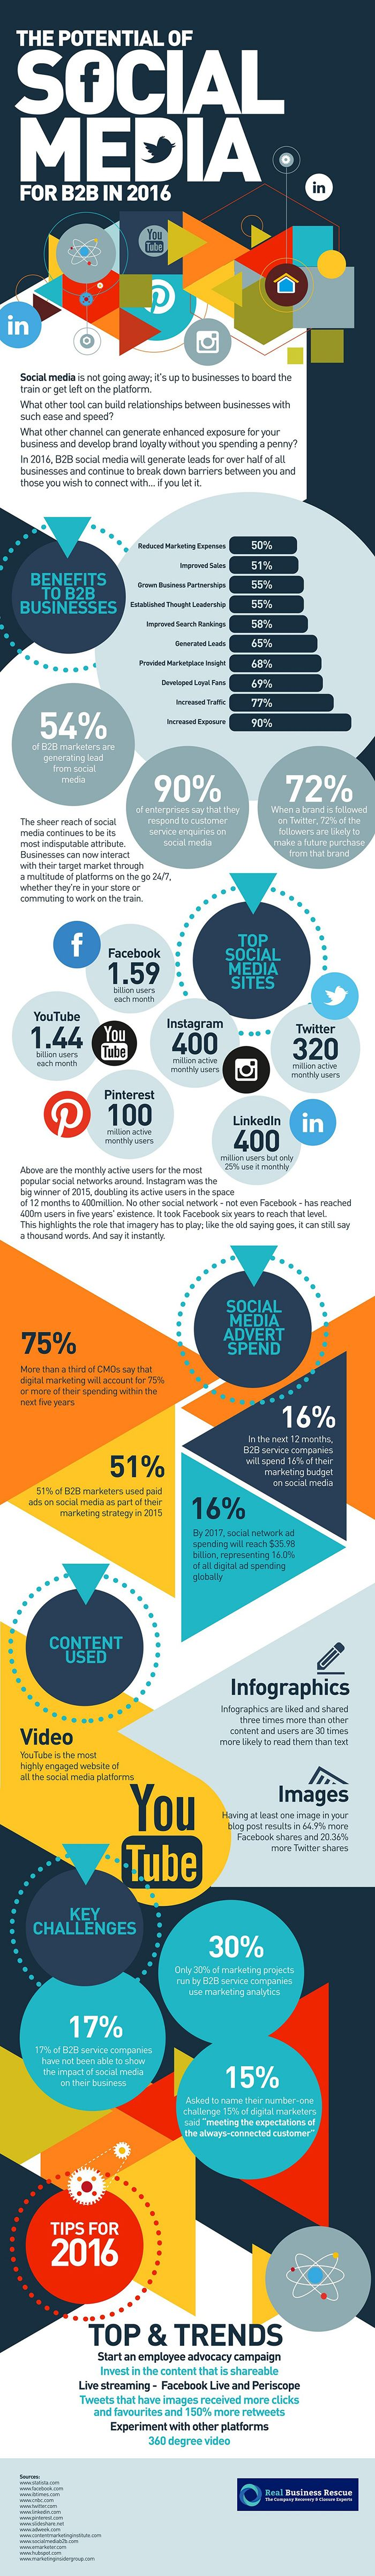 Potential of Social Media for B2B in 2016